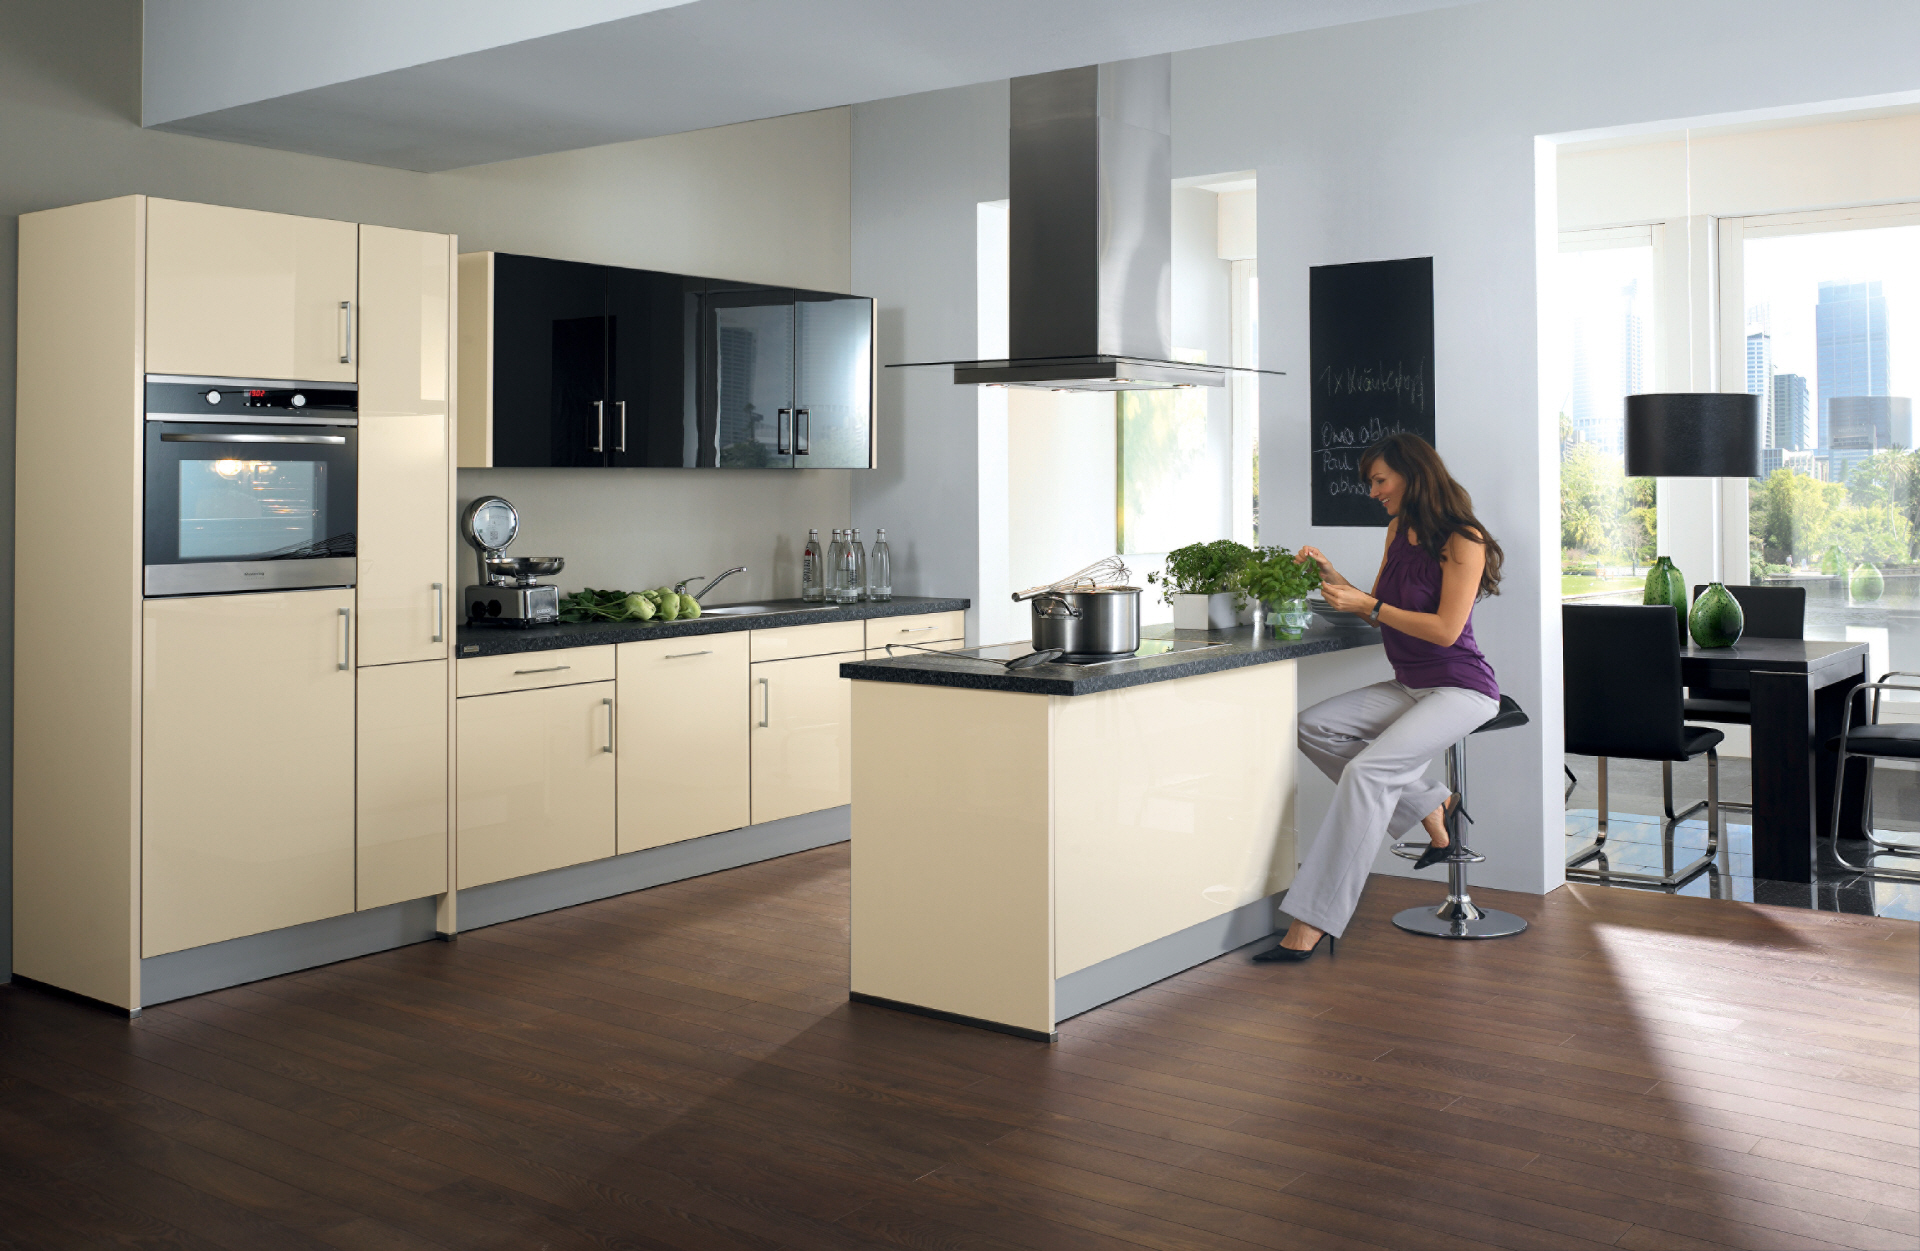 einbauger te von k ppersbusch und miele p sentiert vom. Black Bedroom Furniture Sets. Home Design Ideas